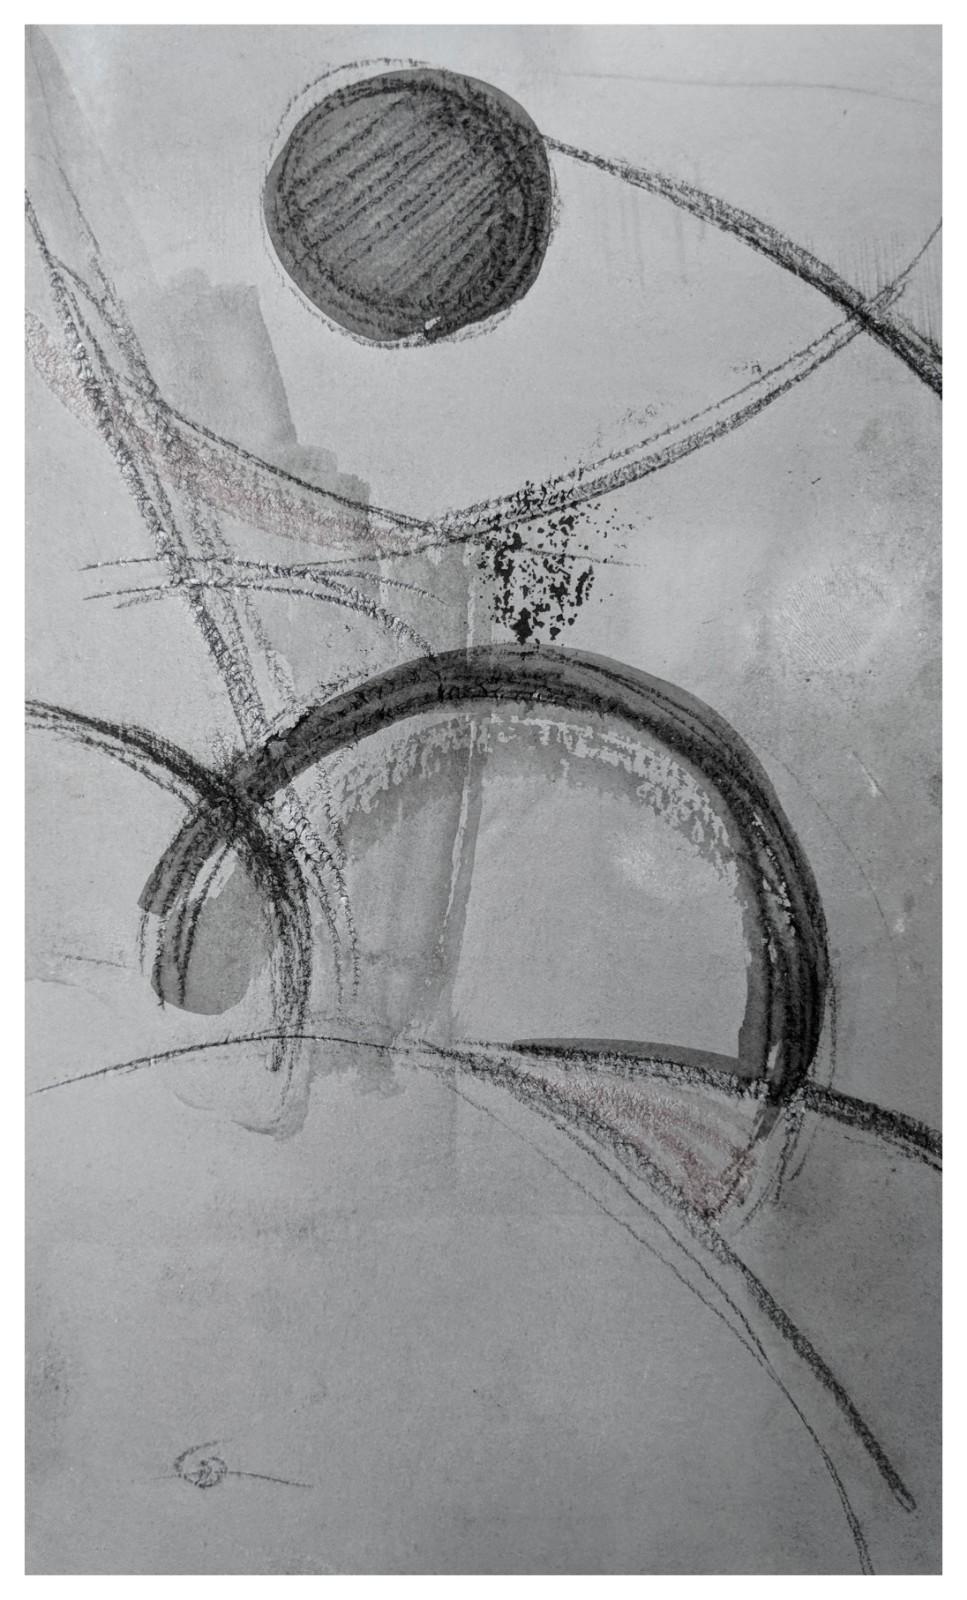 Sketch III